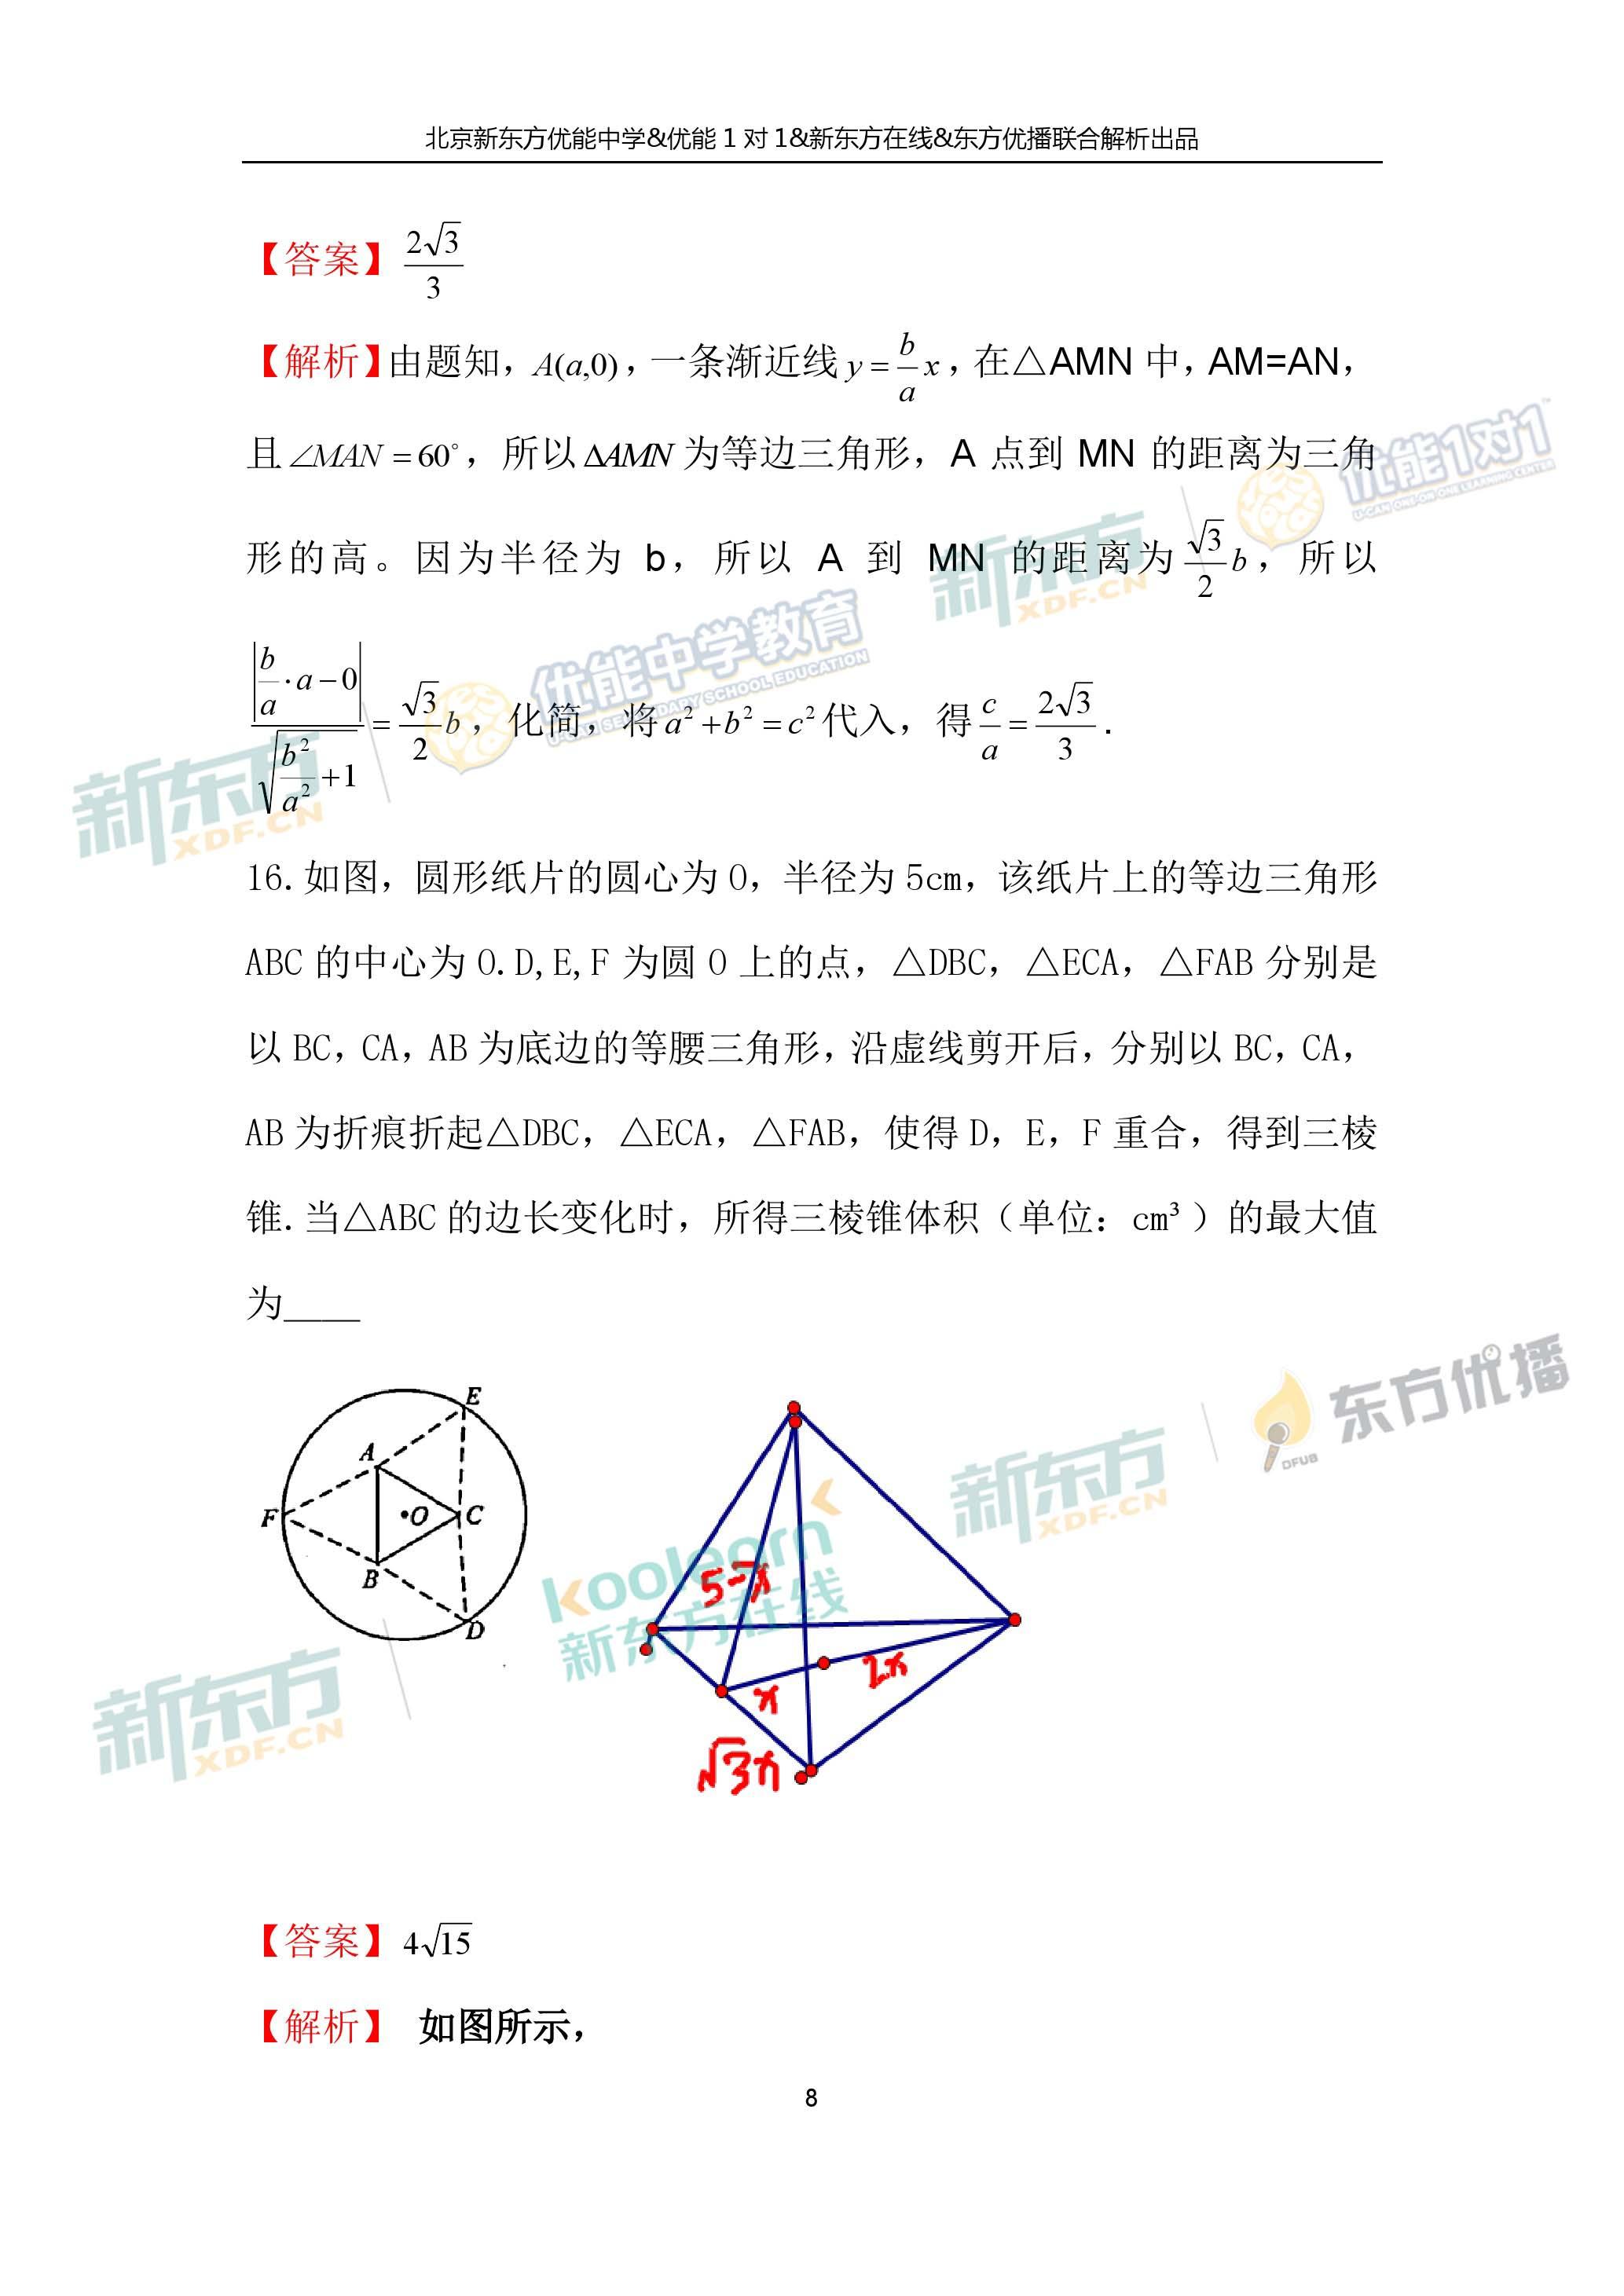 2017年高考全国卷1理科数学逐题解析(北京新东方优能)